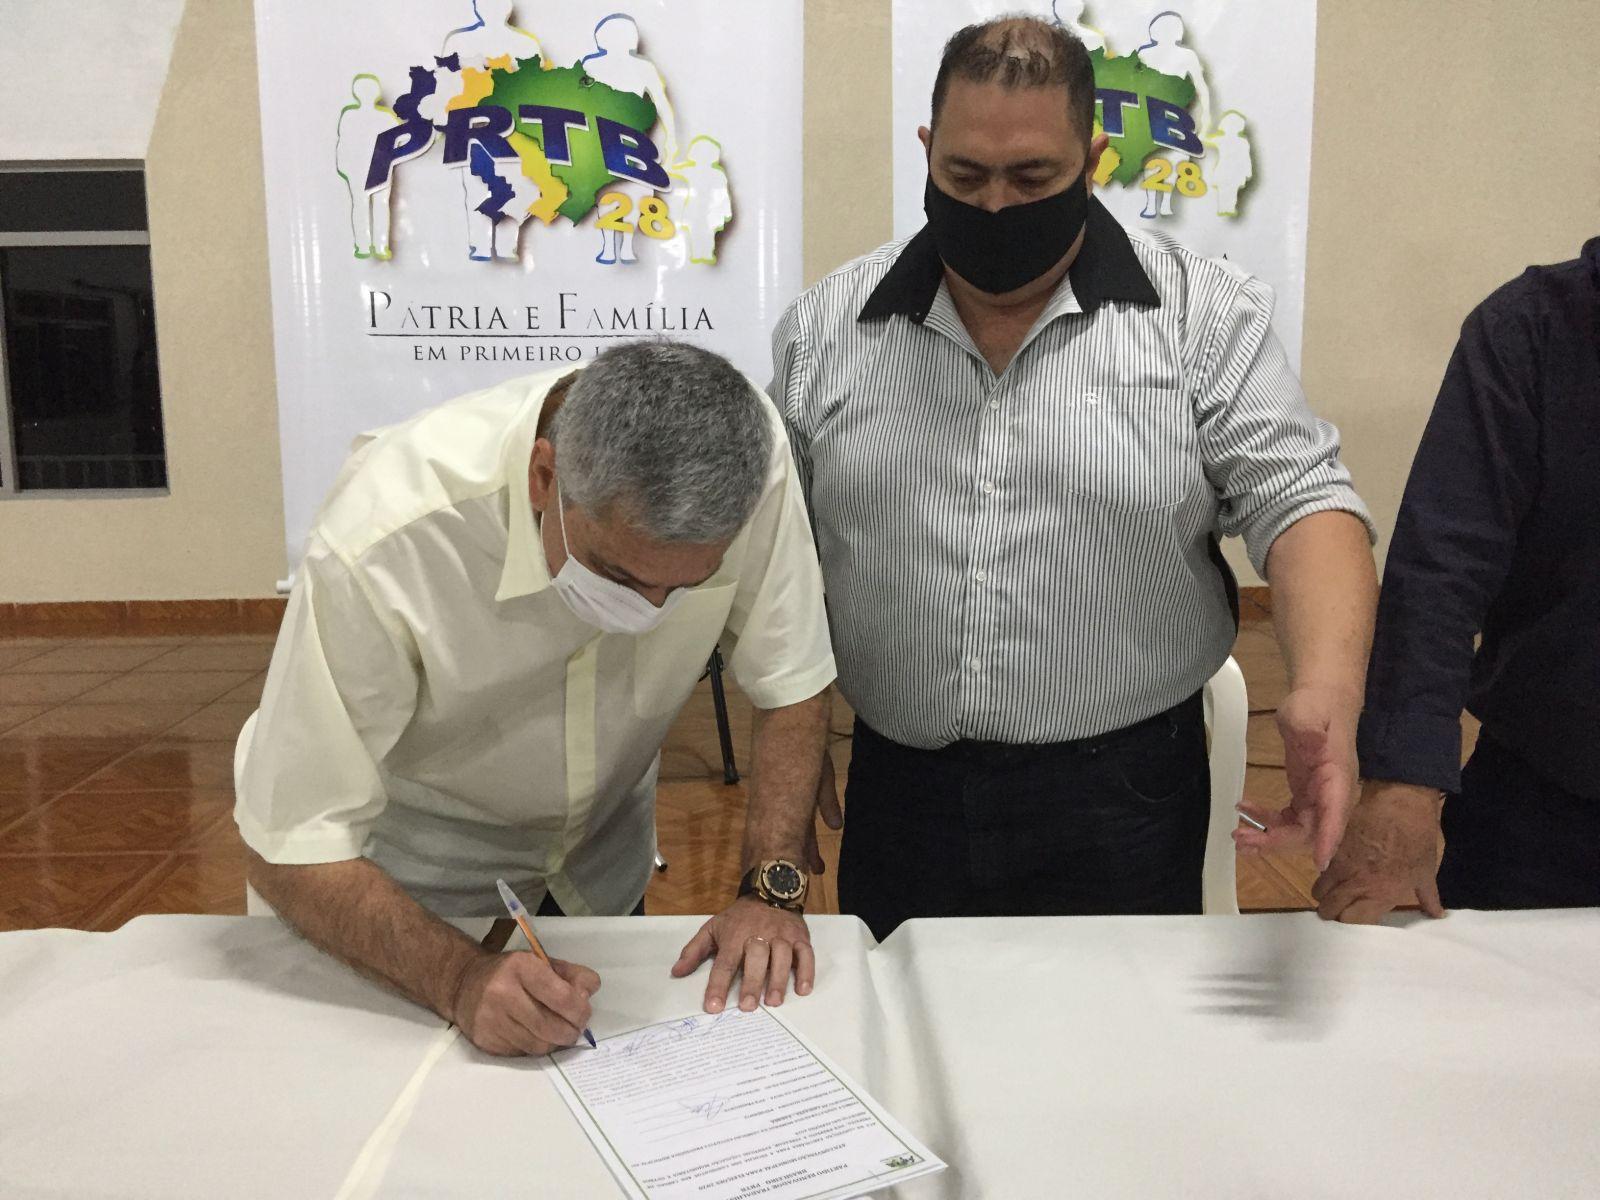 Homologação da candidatura a vice-prefeito